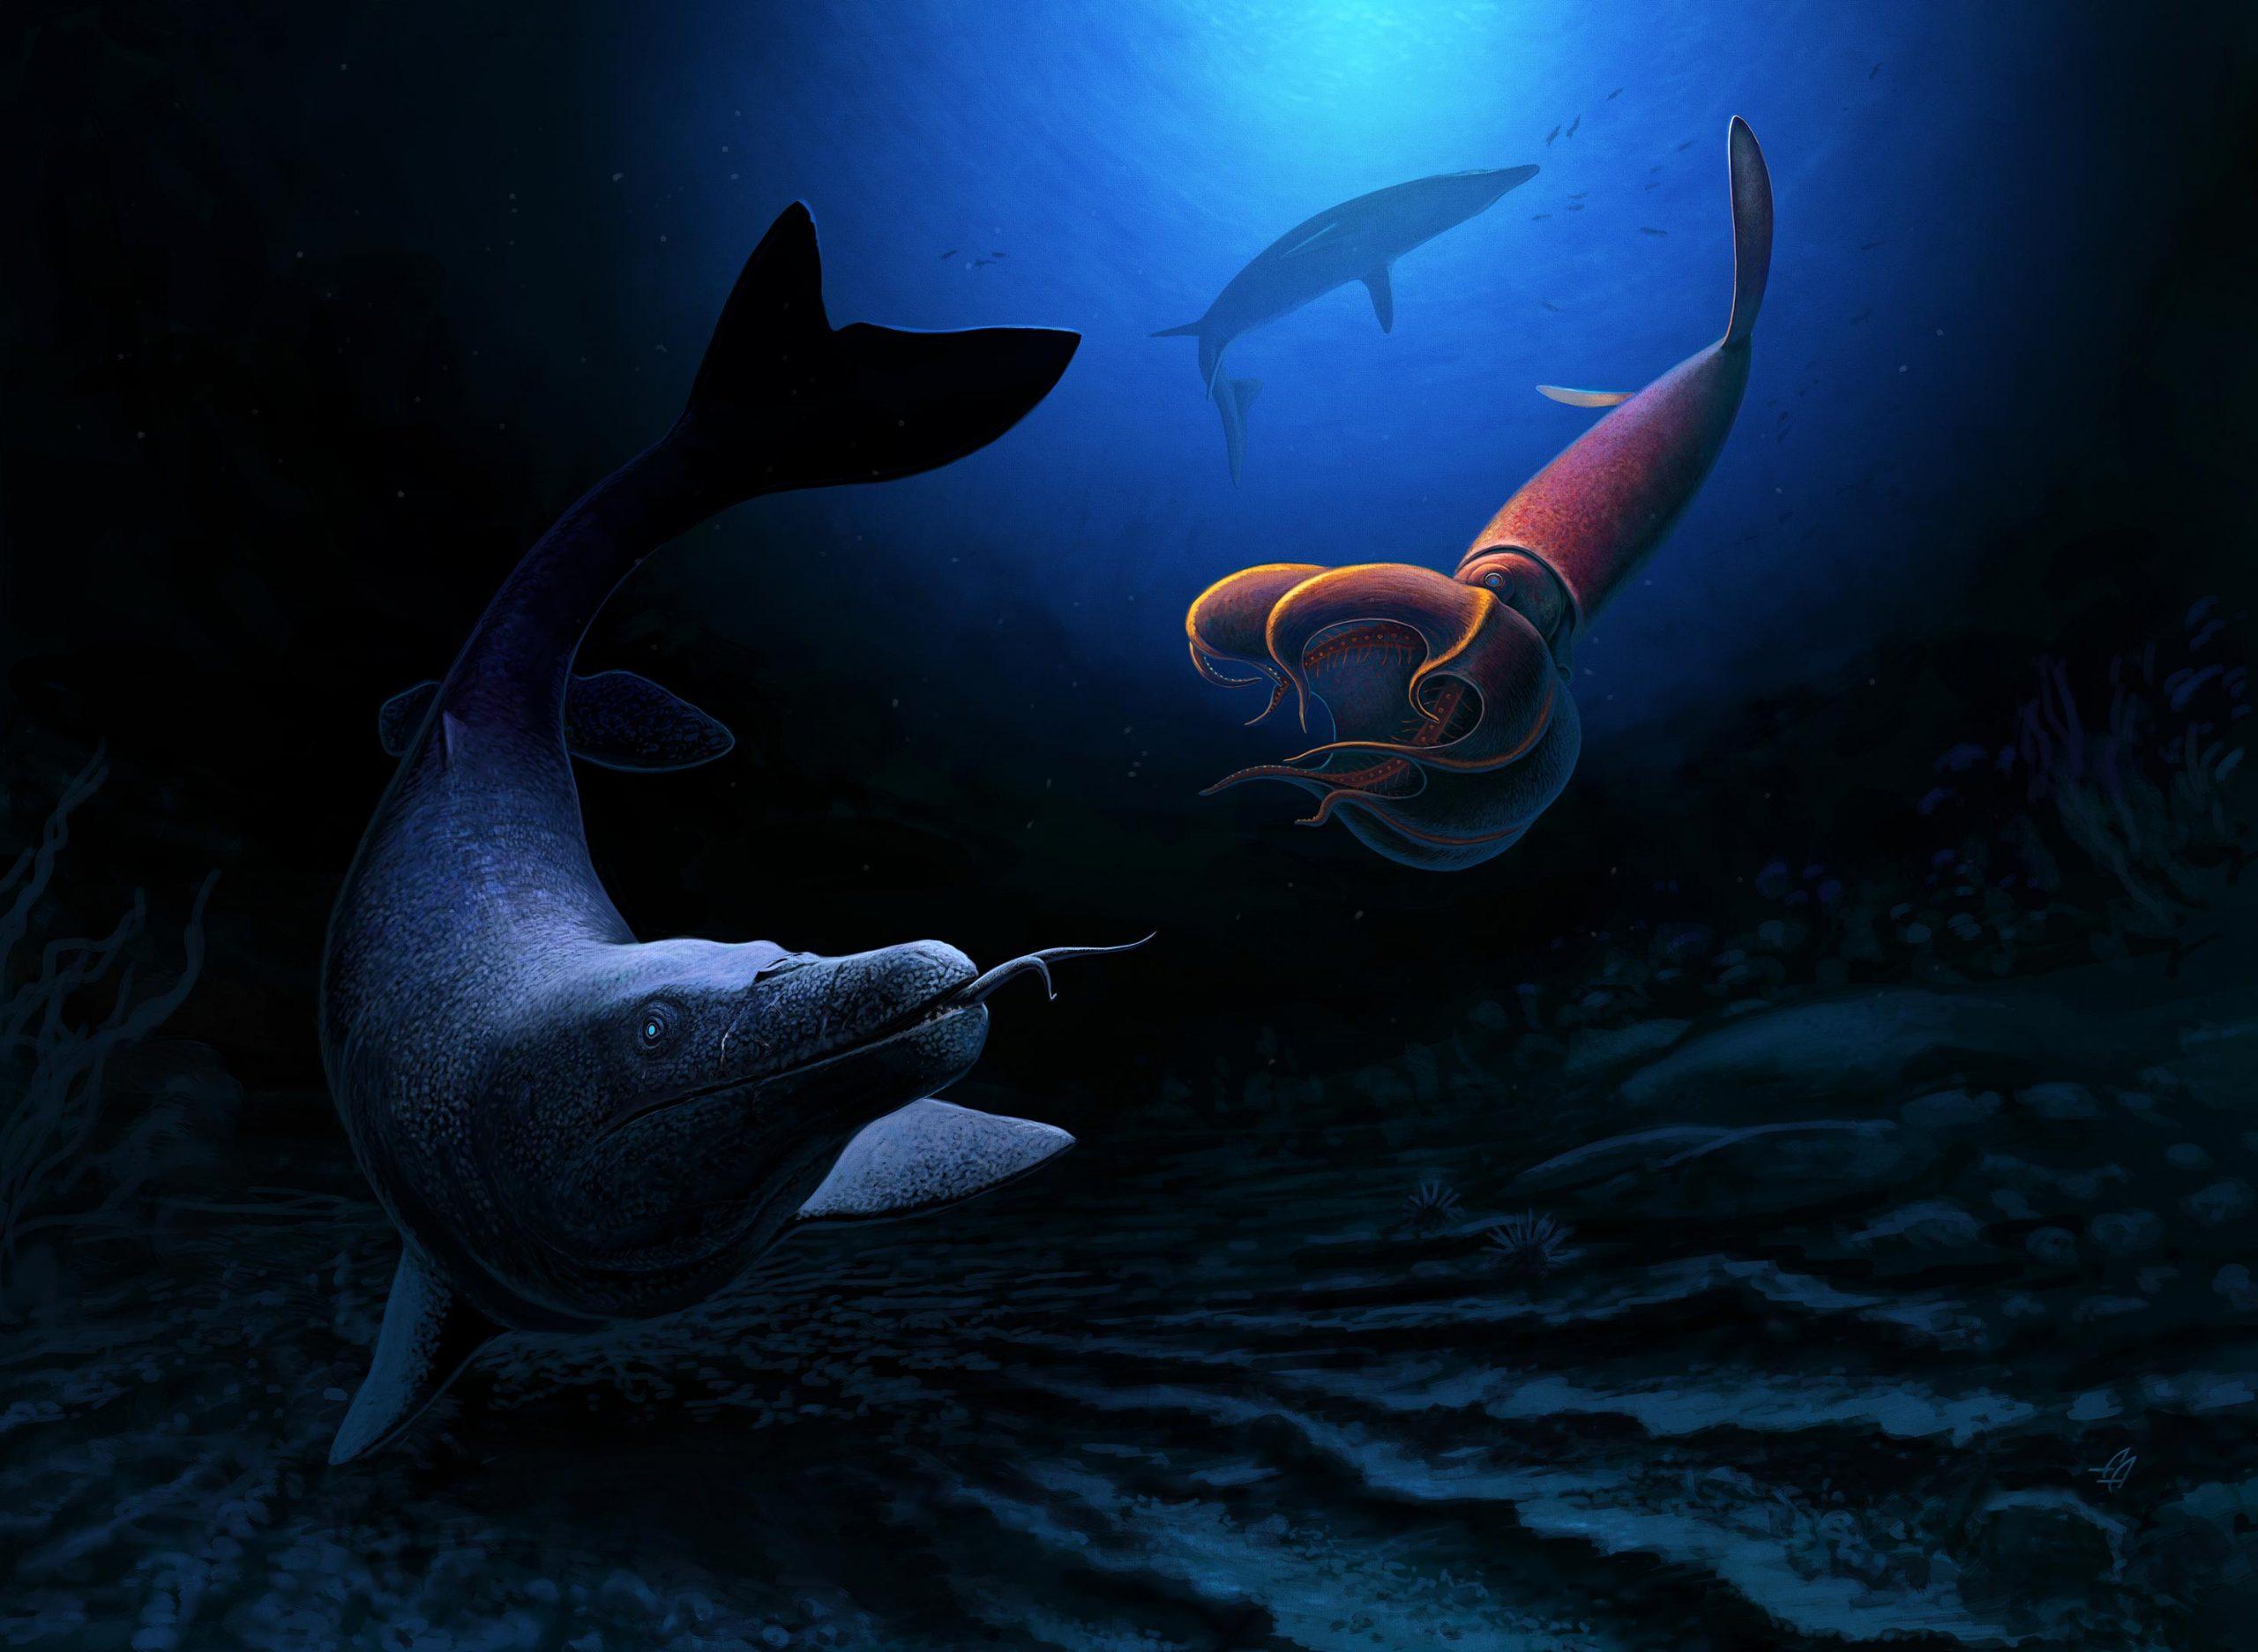 摩洛哥发现的白垩纪末期海蜥蜴可能长达8米